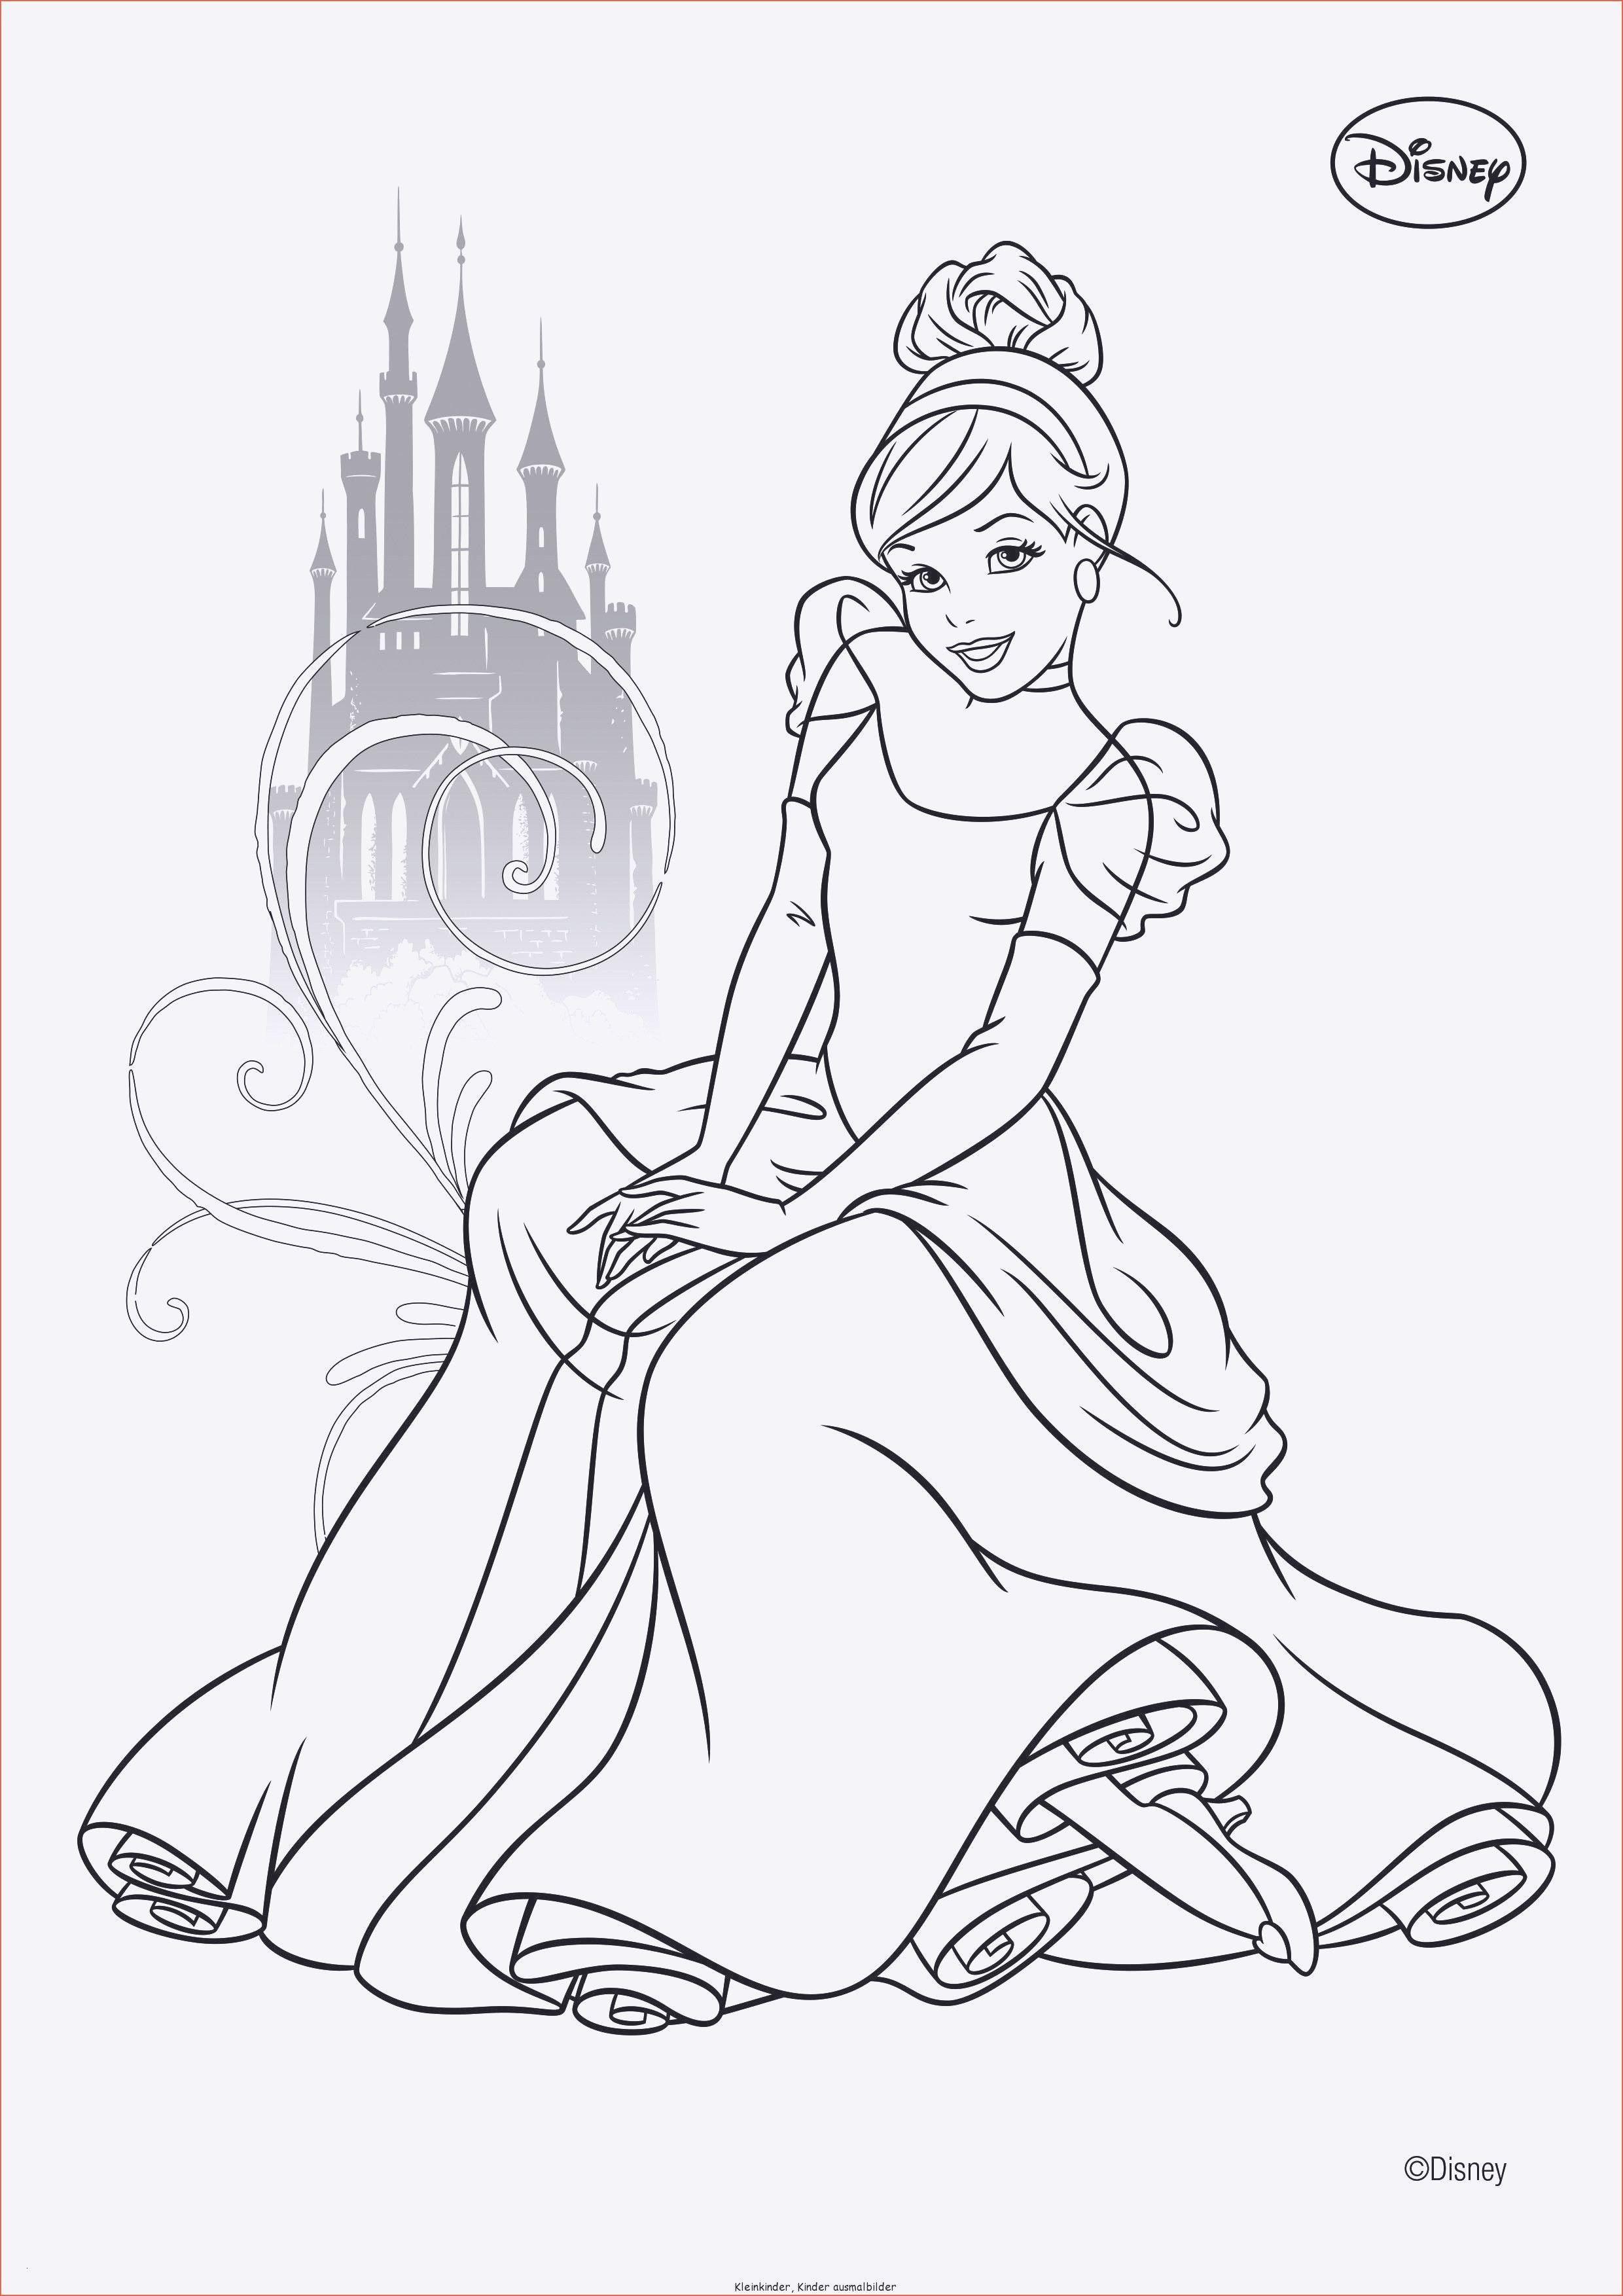 99 Einzigartig Ausmalbilder Anna Und Elsa Stock Kinder Bilder Ausmalbilder Ausmalbilder Prinzessin Ausmalbilder Zum Ausdrucken